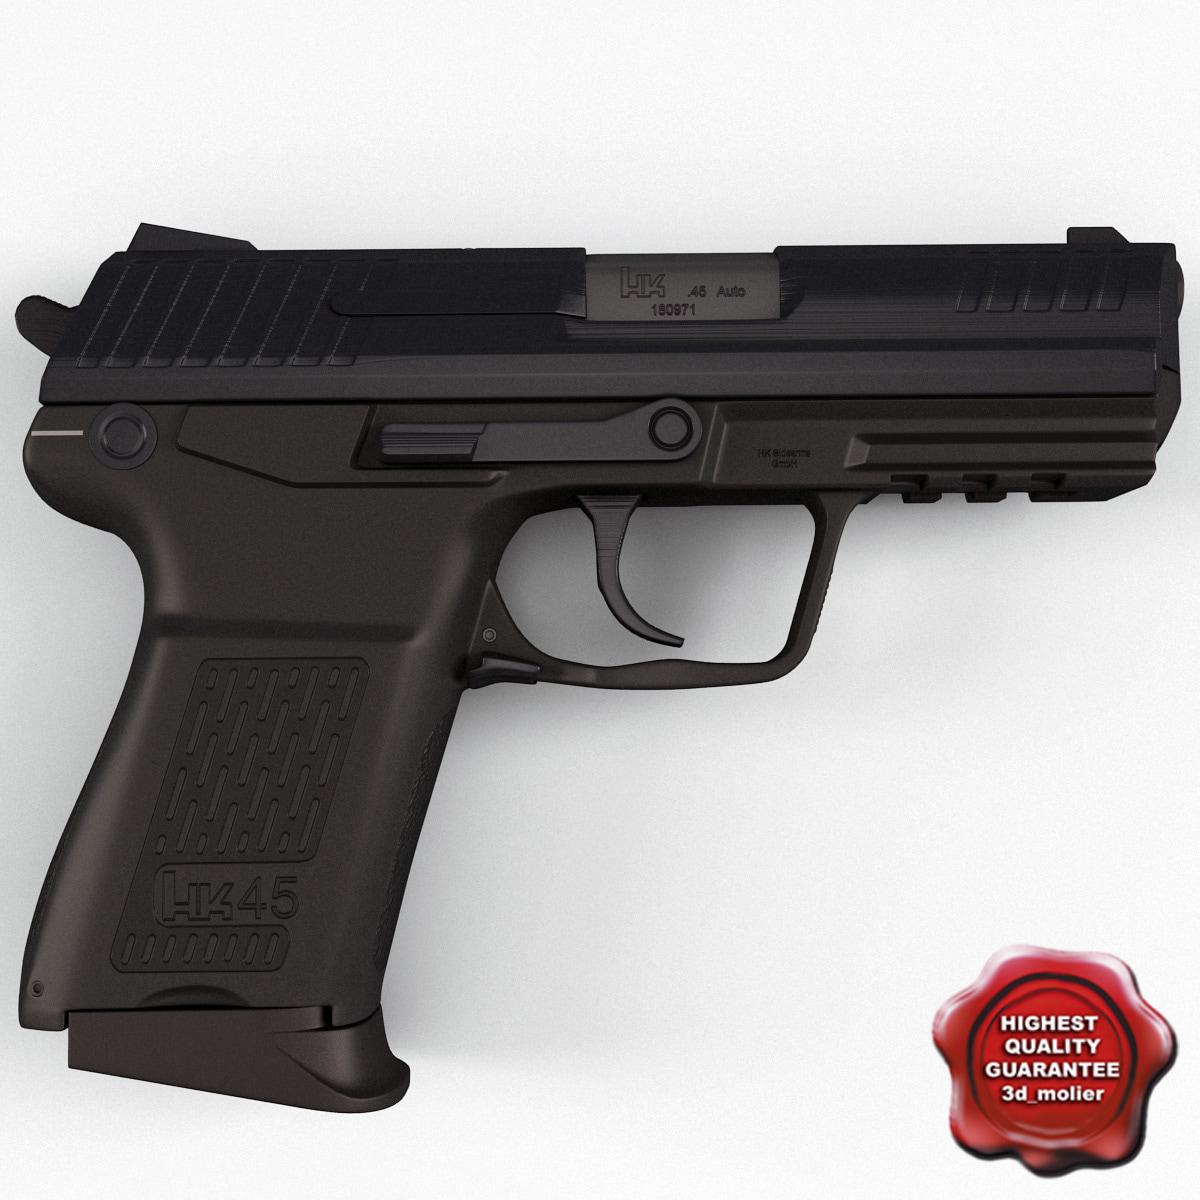 pistol heckler koch usp 3d model